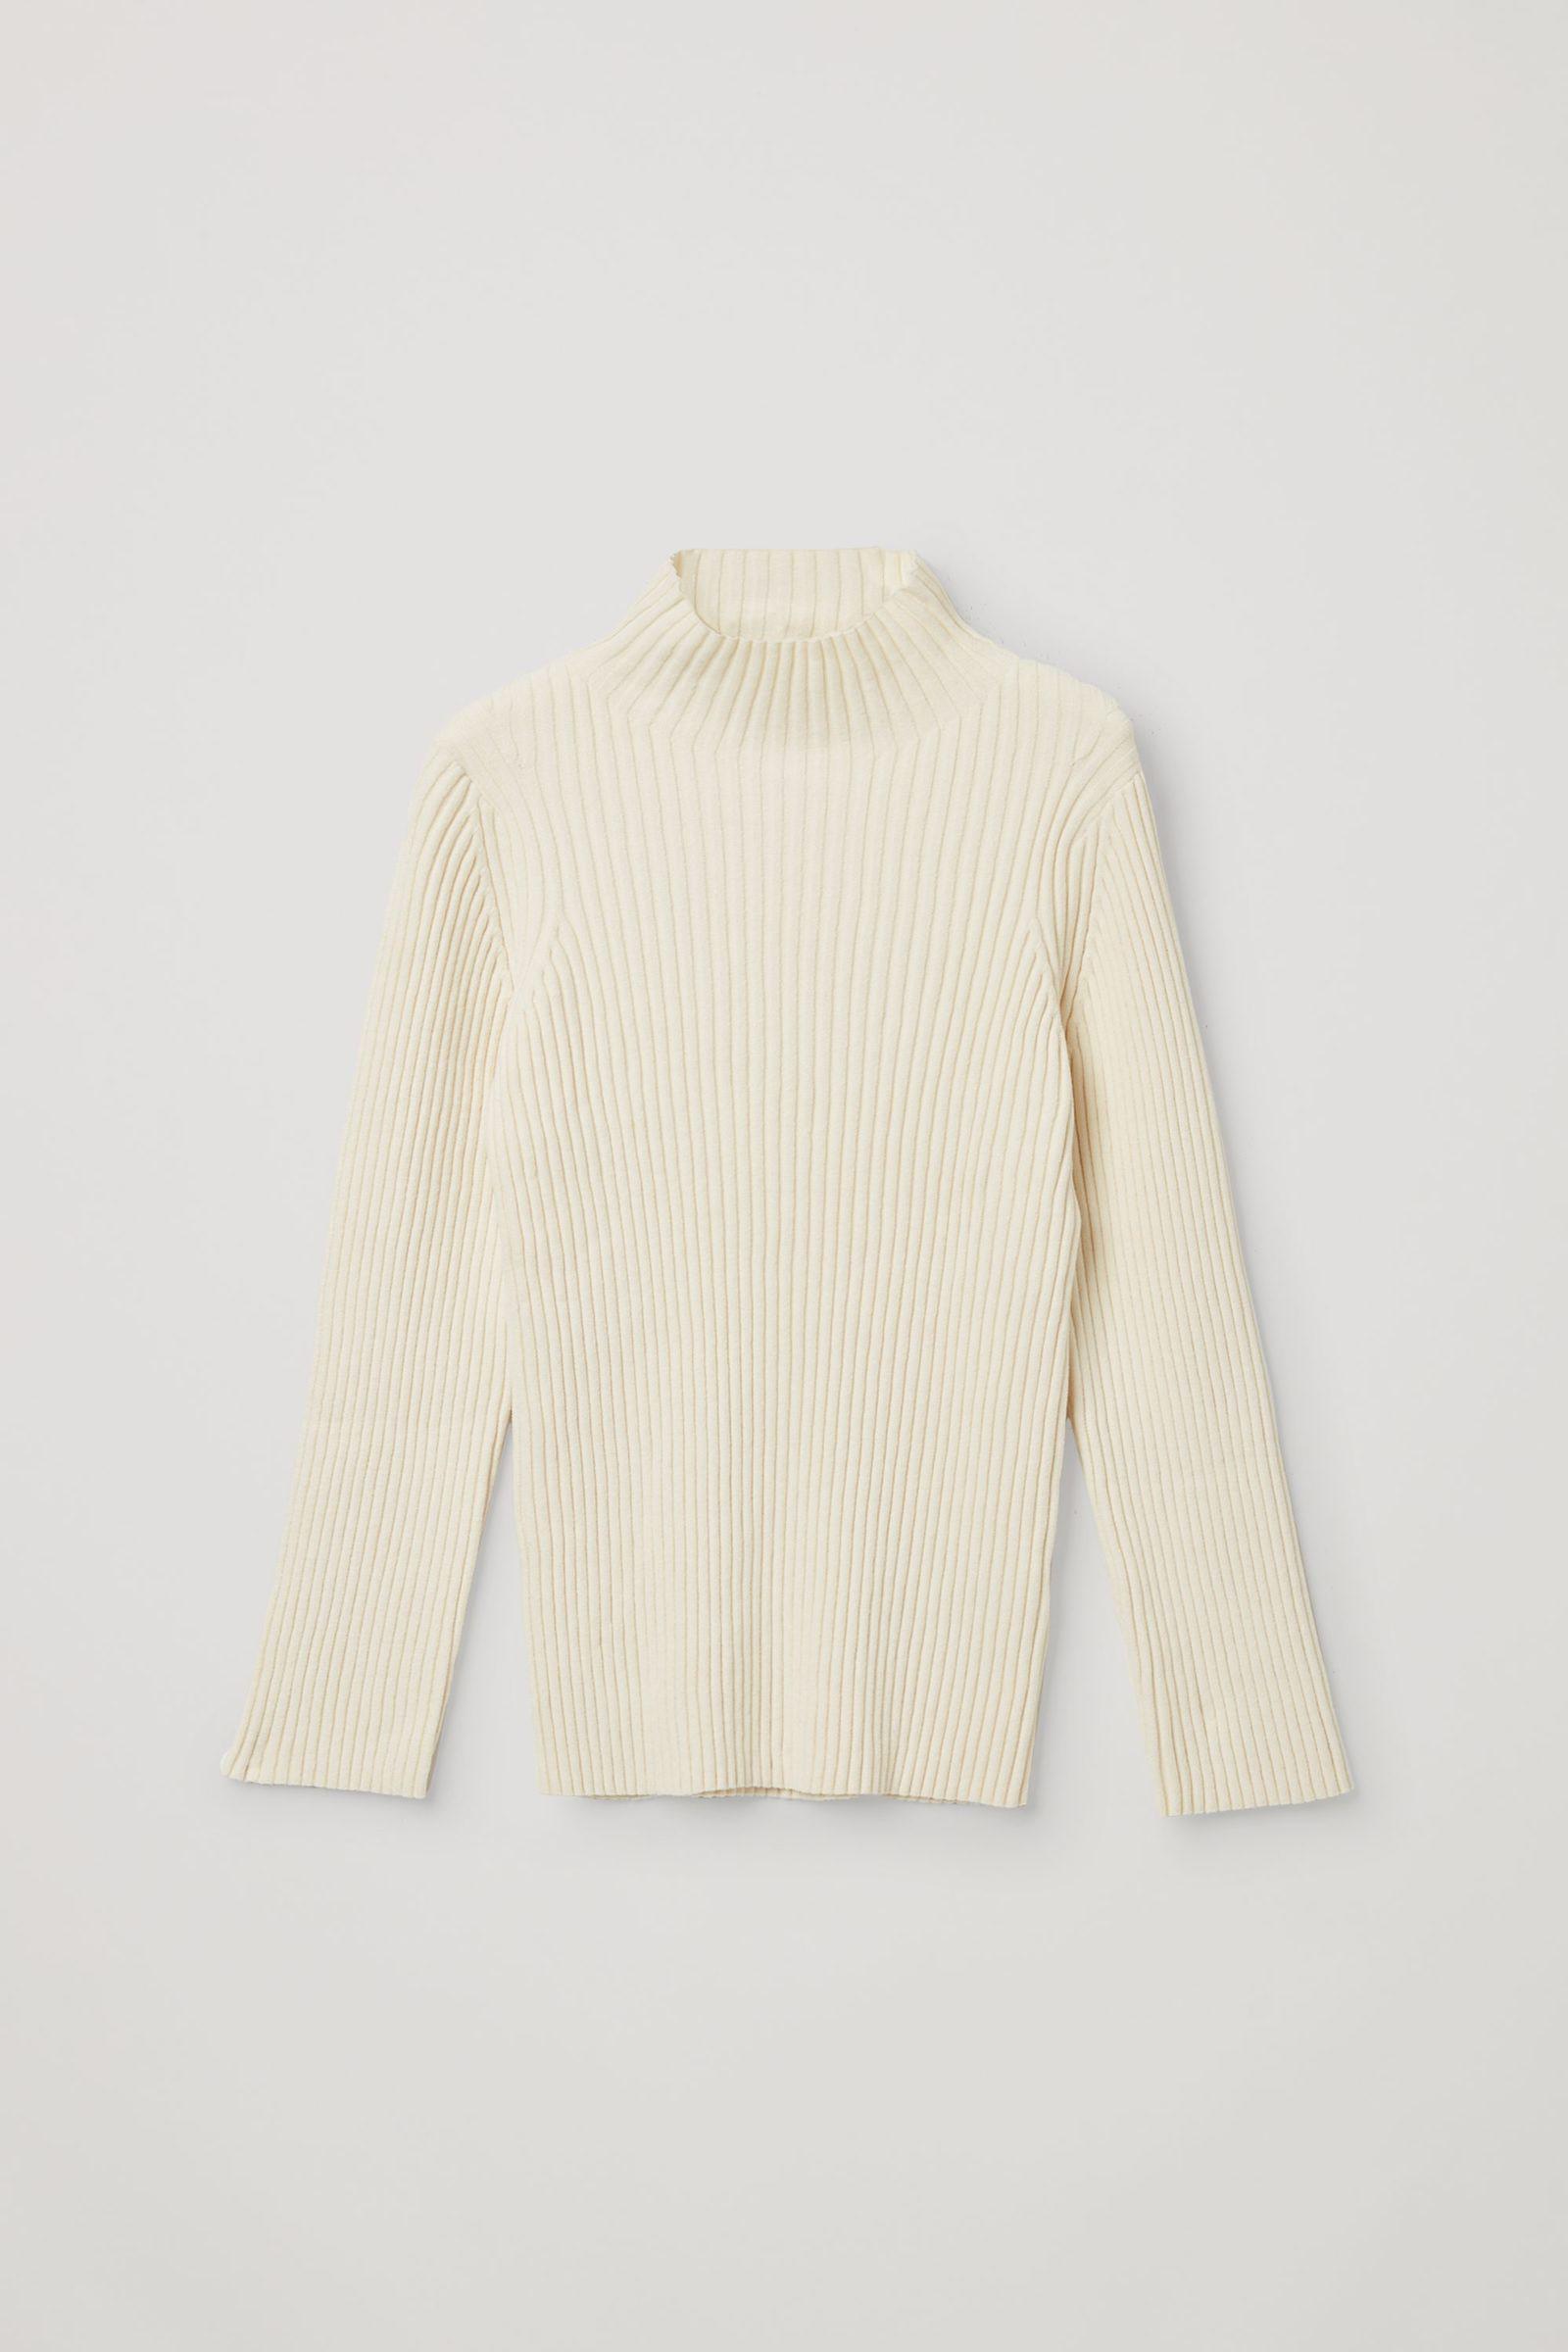 COS 오가닉 코튼 리브 셔닐 스웨터의 화이트컬러 Product입니다.